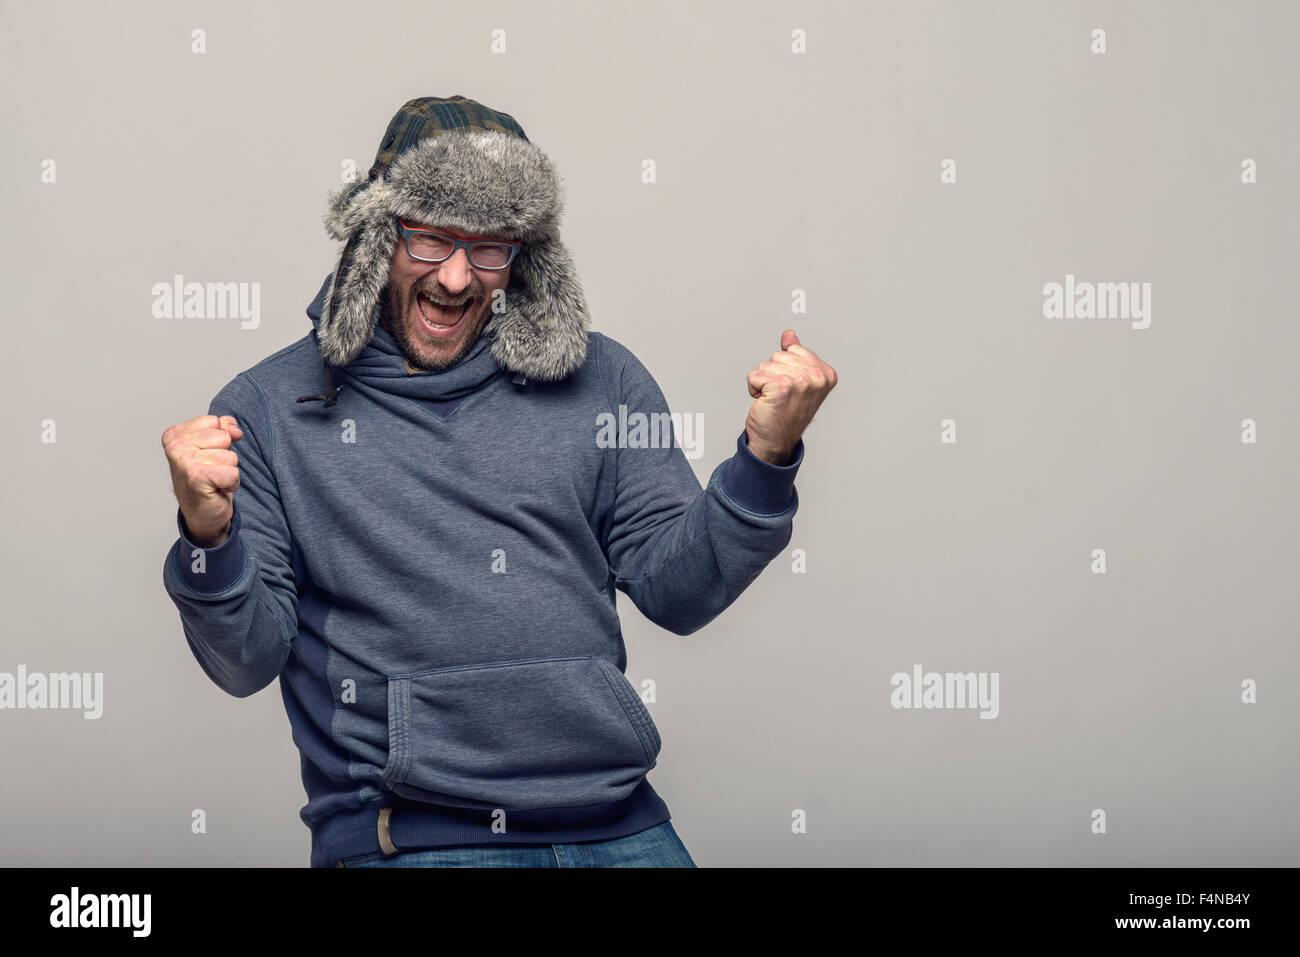 Glücklicher Mann tragen Brillen und einer Wintermütze jubeln und feiern Anhebung seiner geballten Fäusten in der Luft mit einem jubelnden involviert Stockfoto